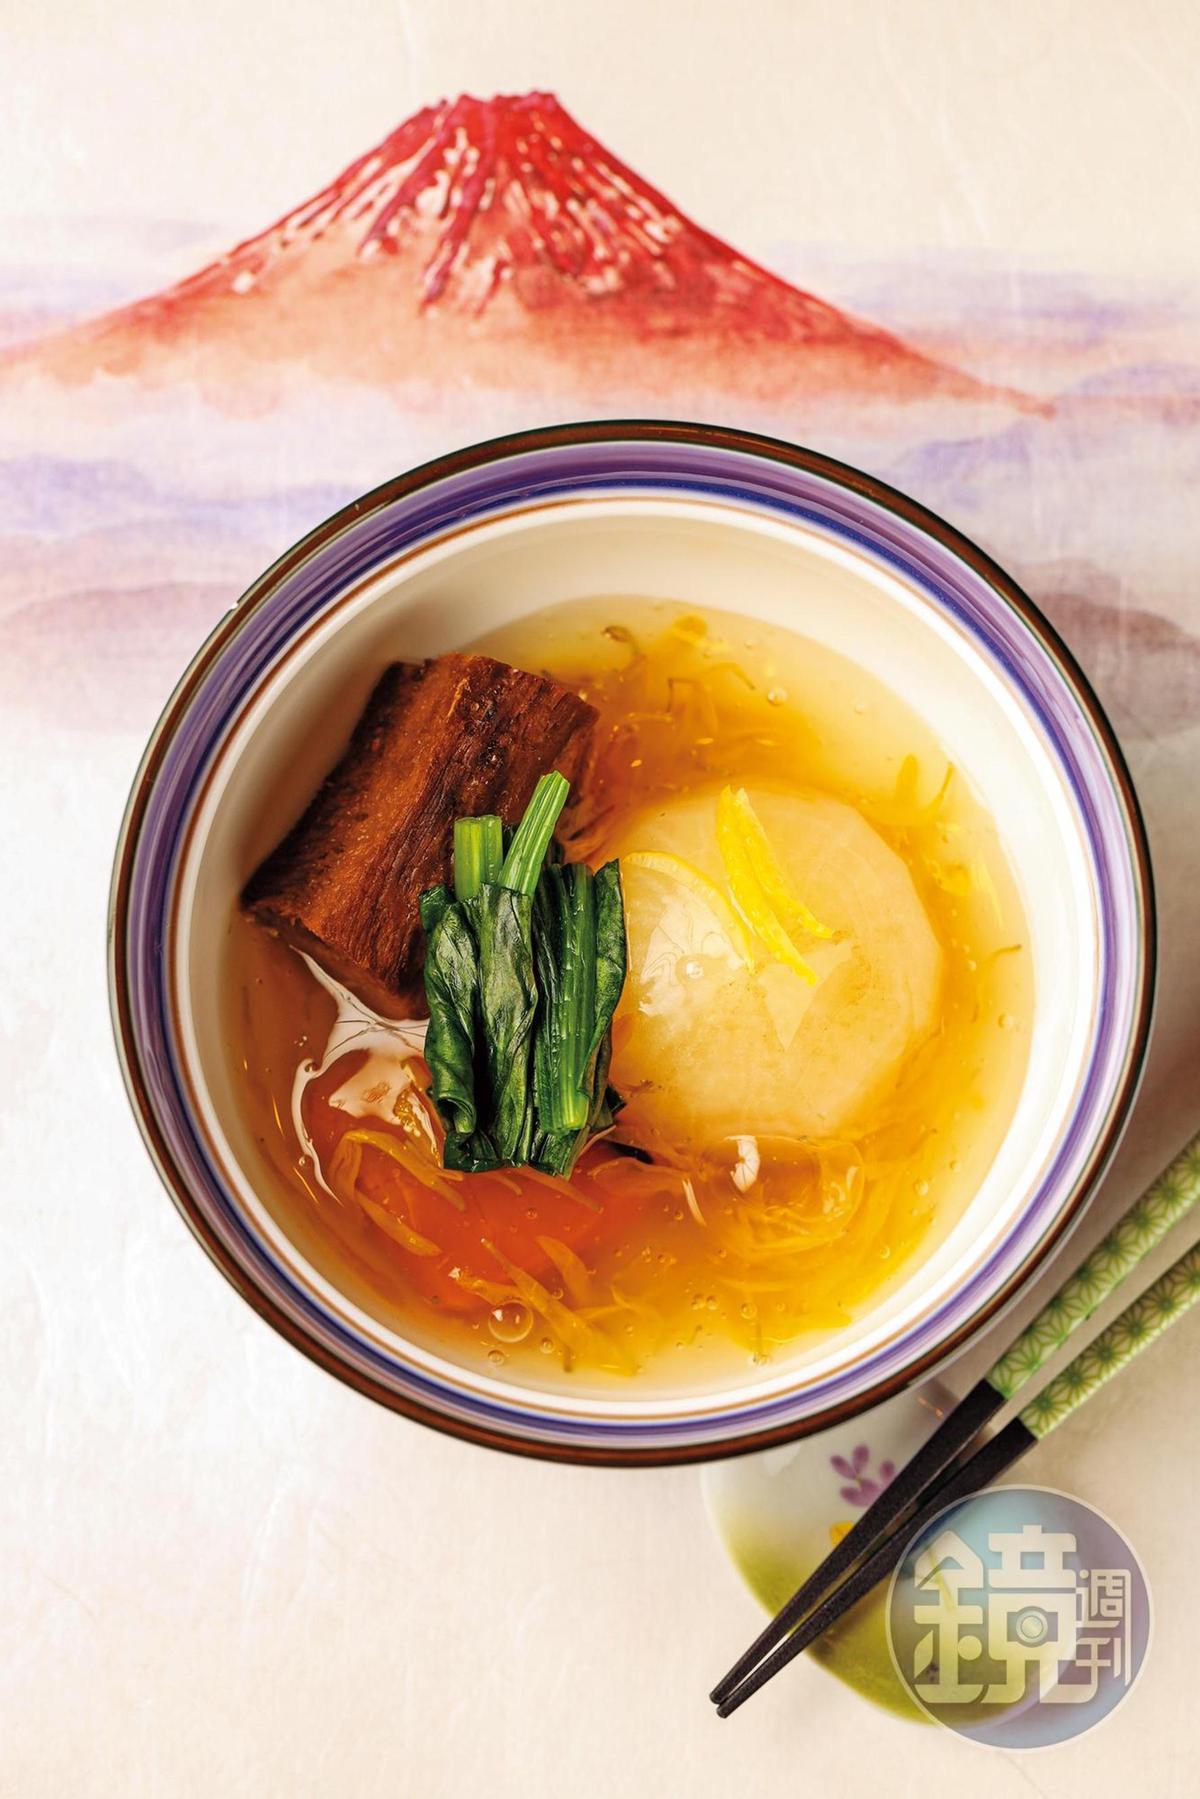 襯著葛飾北齋《凱風快晴》的赤富士餐紙的煮物,軟嫩入味。